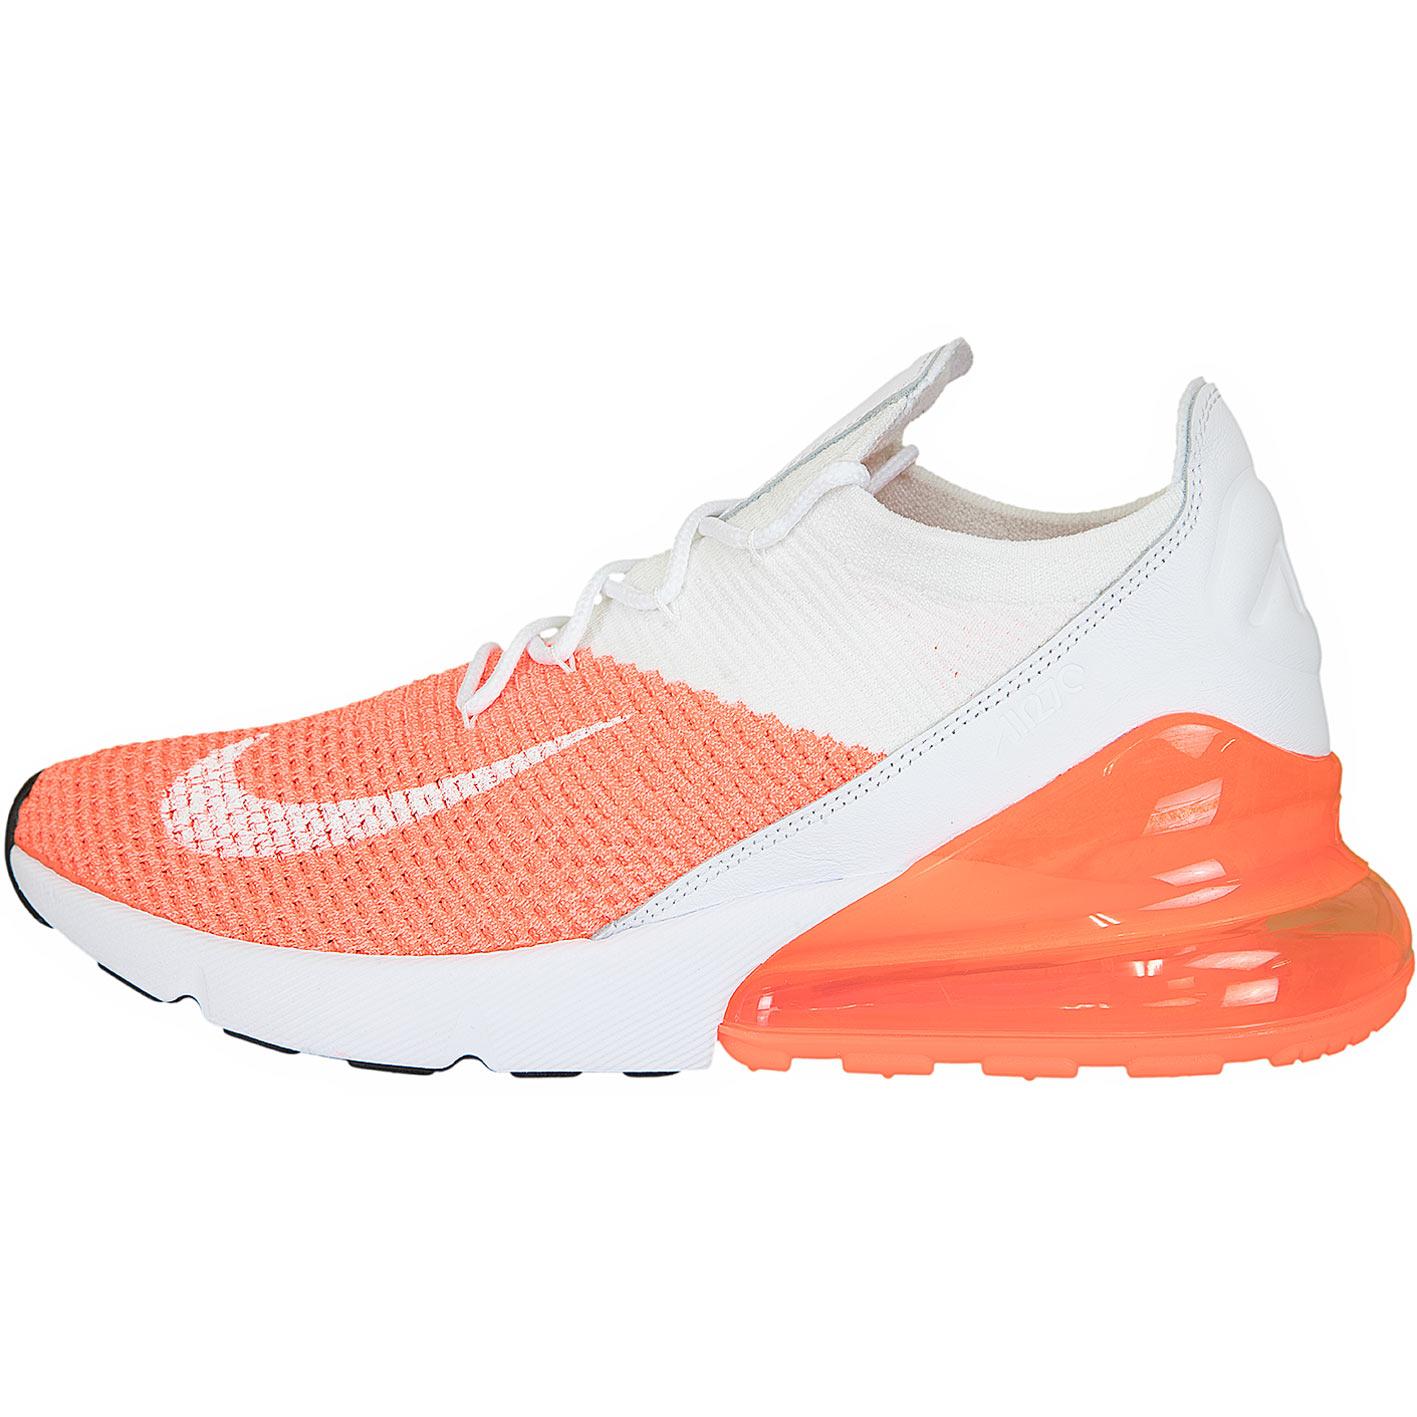 premium selection 30cfd 3945e ☆ Nike Damen Sneaker Air Max 270 Flyknit coral/weiß - hier bestellen!